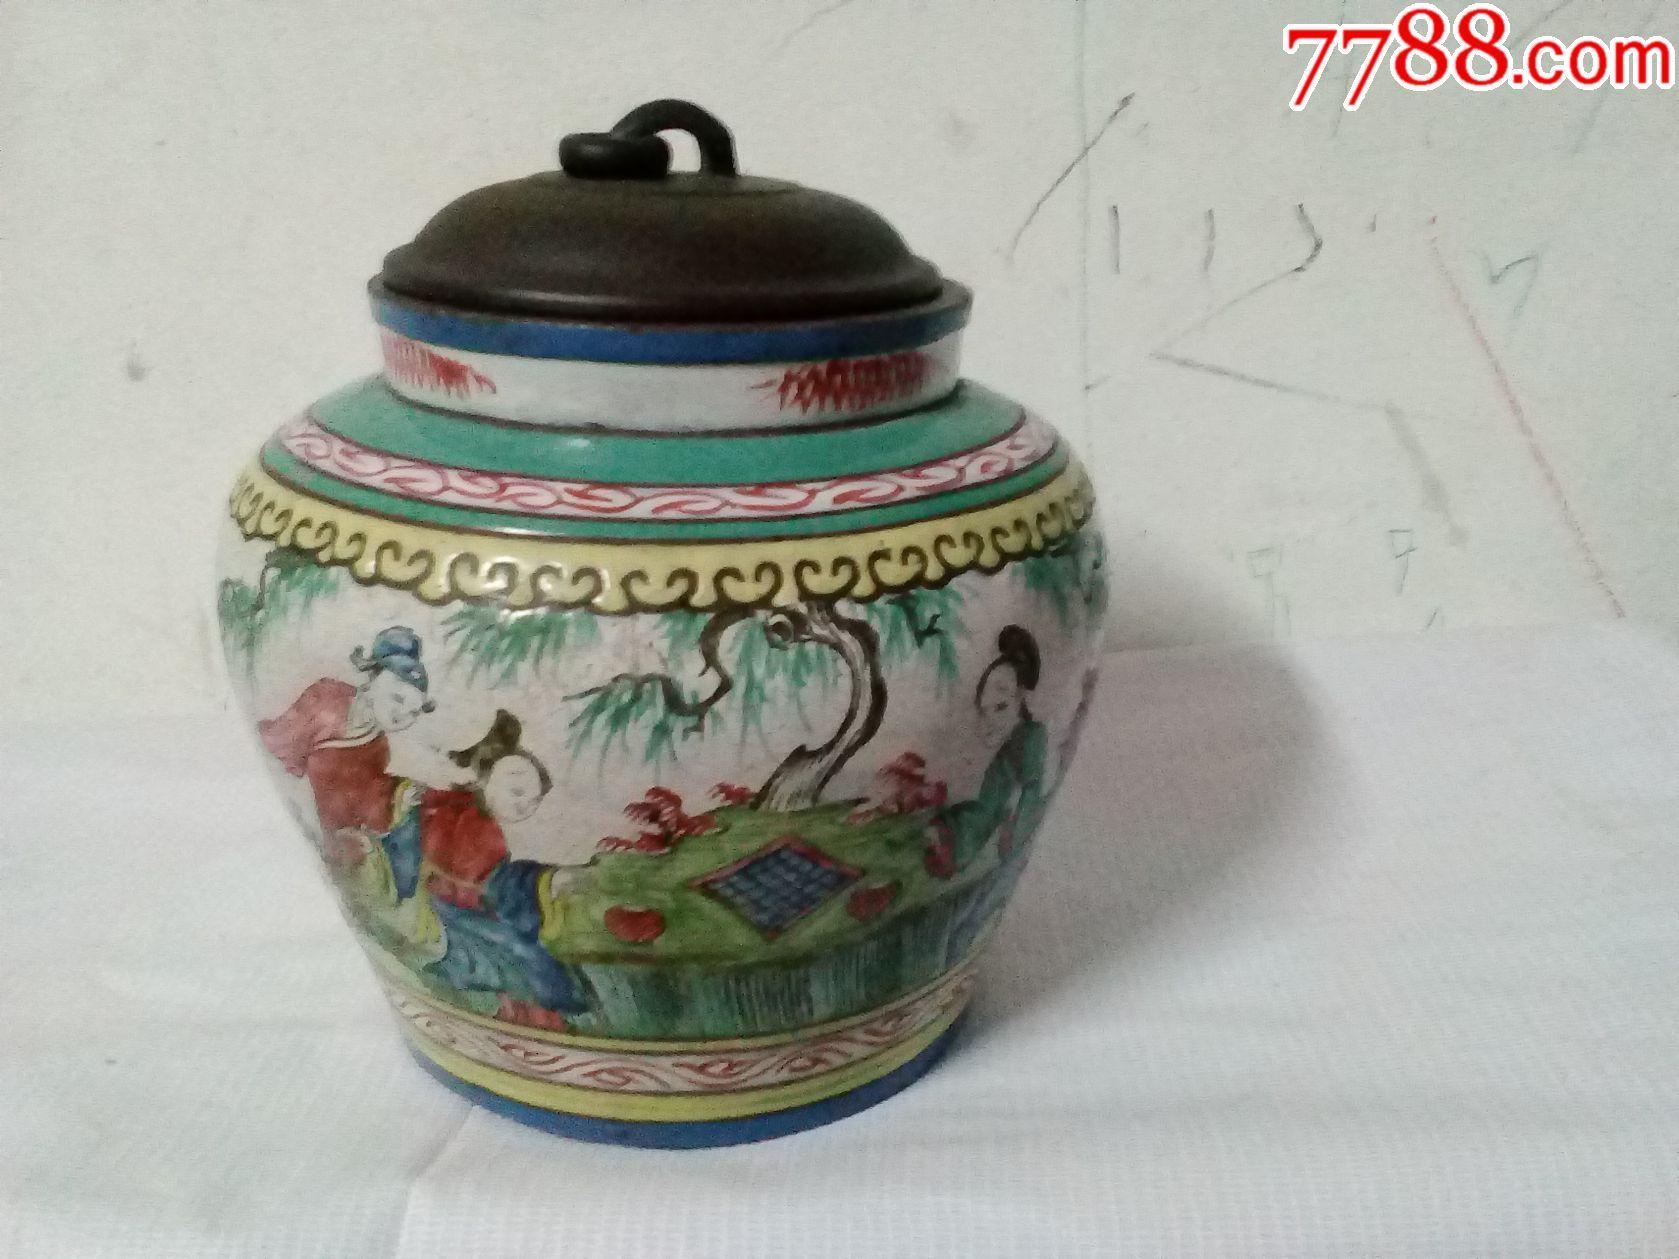 清代名家王南林釉彩人物花卉图案紫砂茶叶罐图片